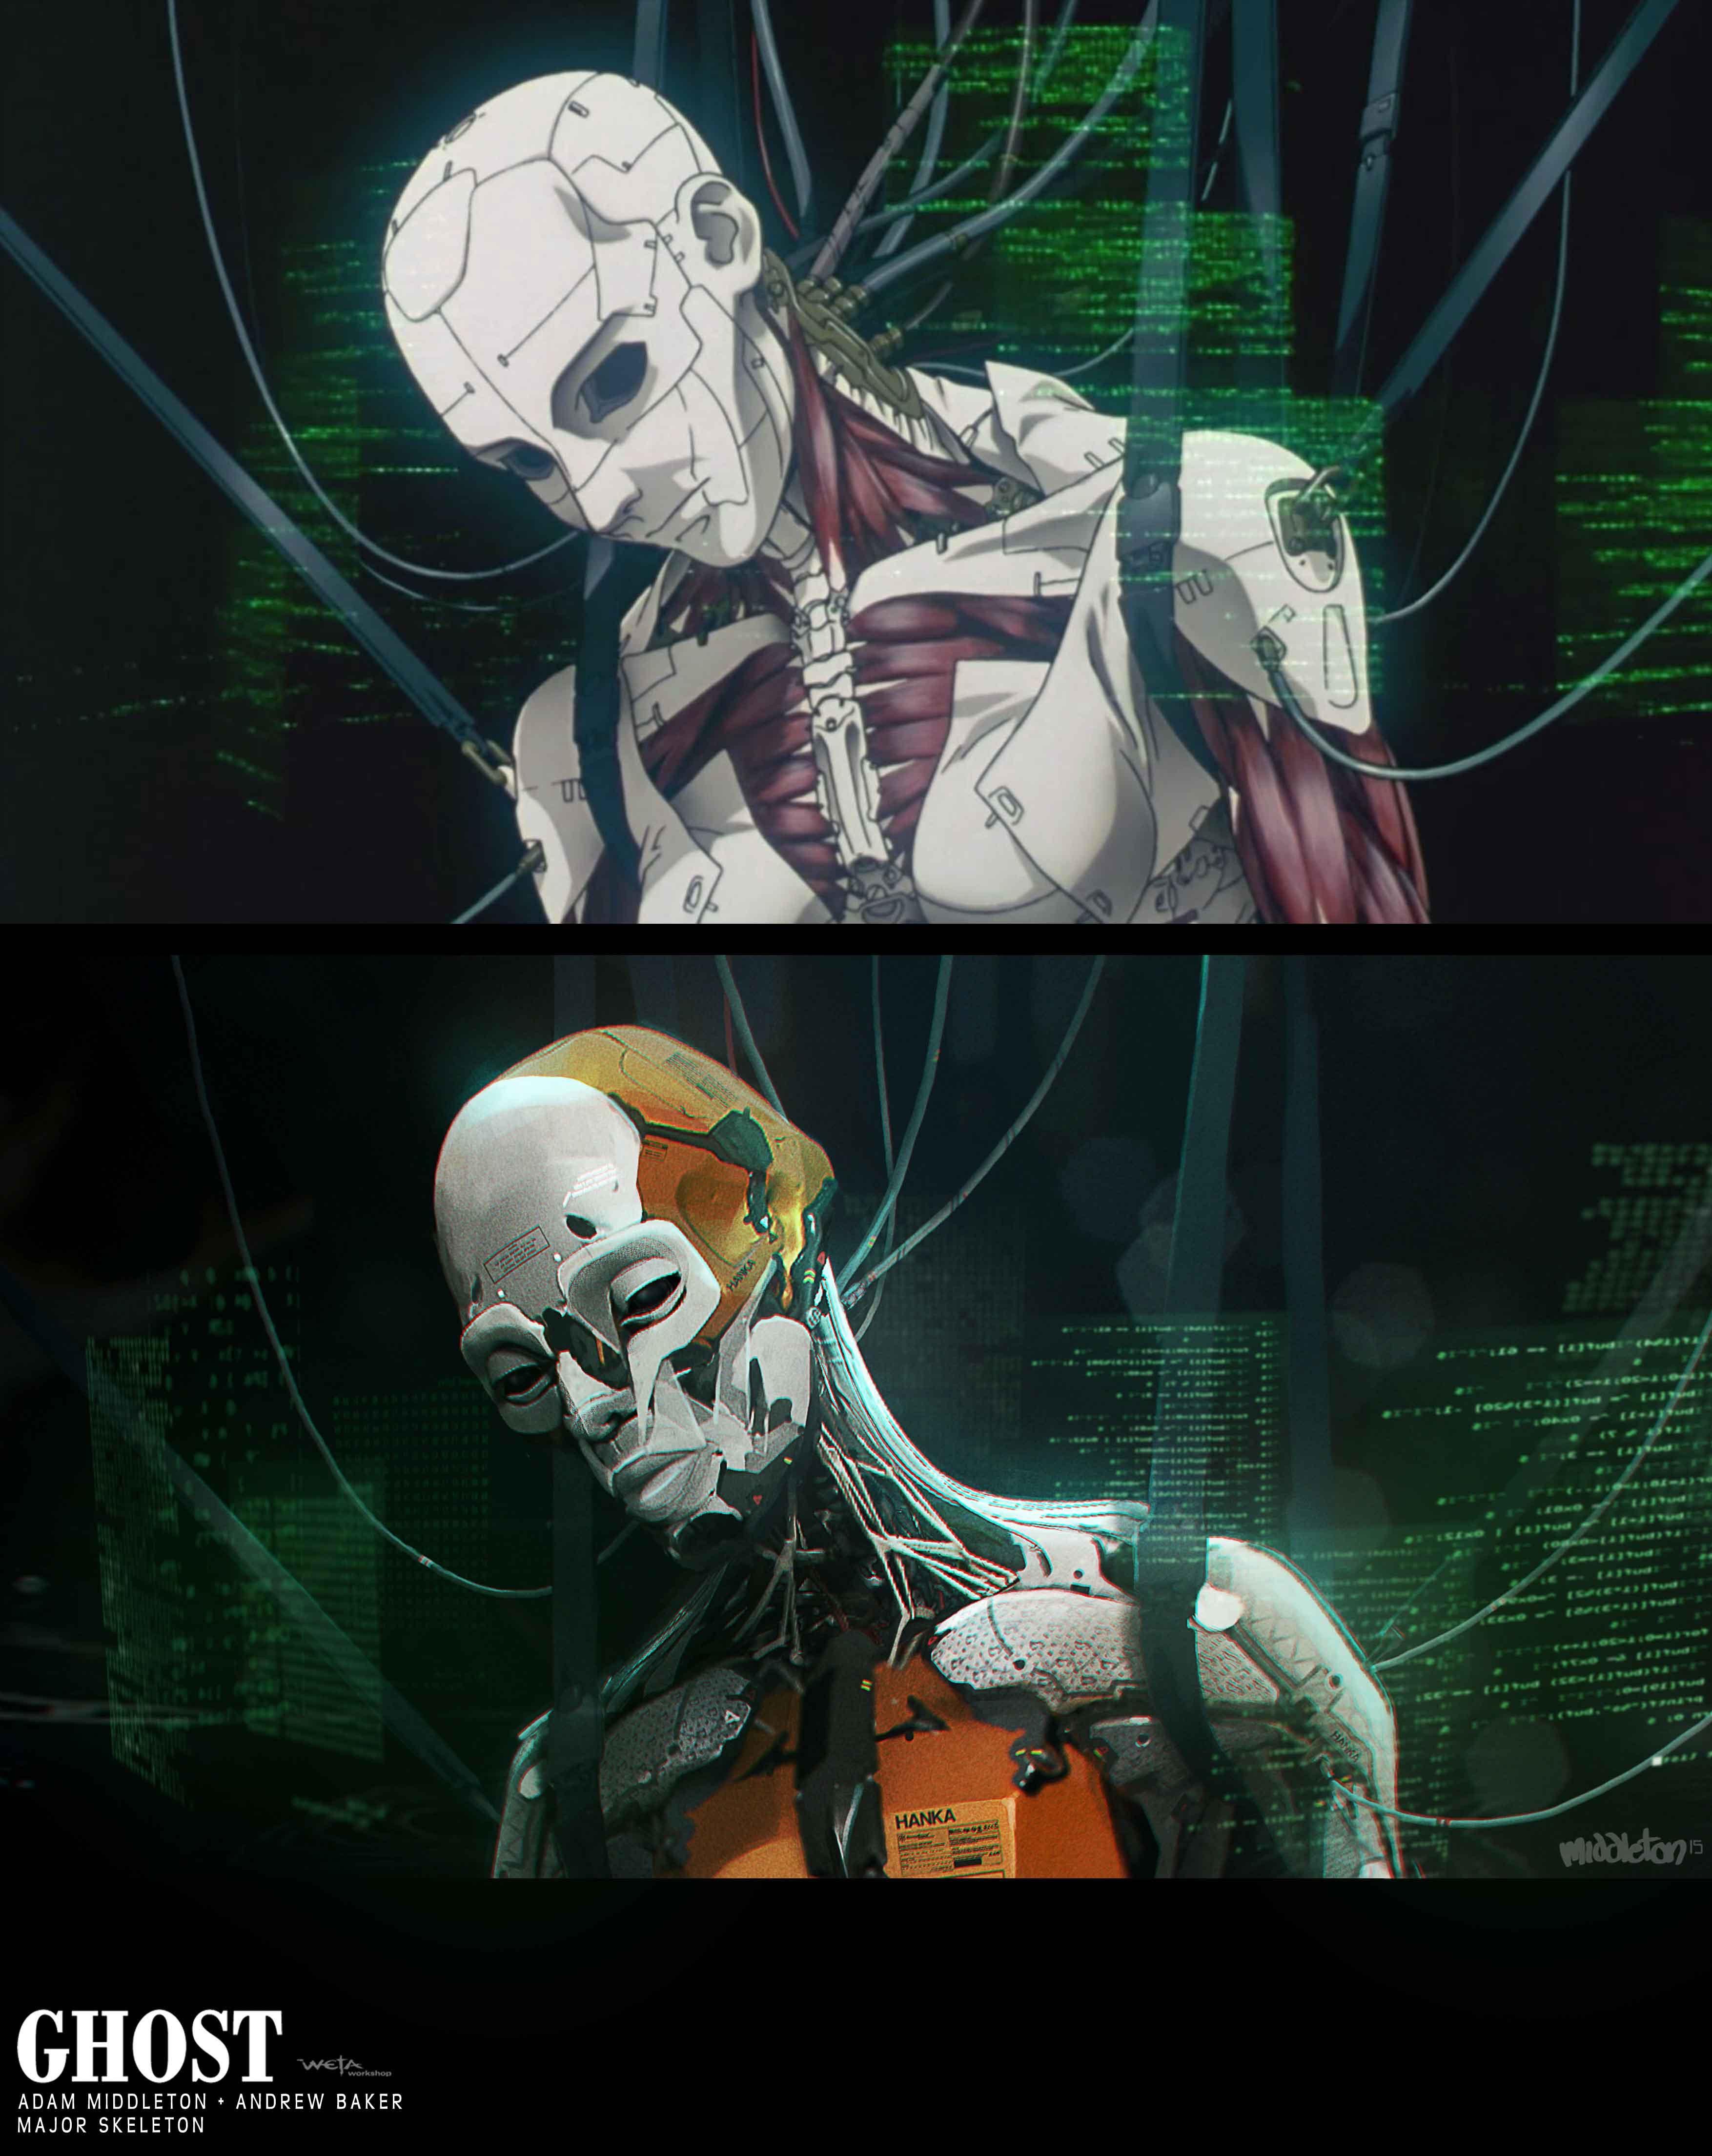 Major Skeleton - Artists: Andrew Baker + Adam Middleton